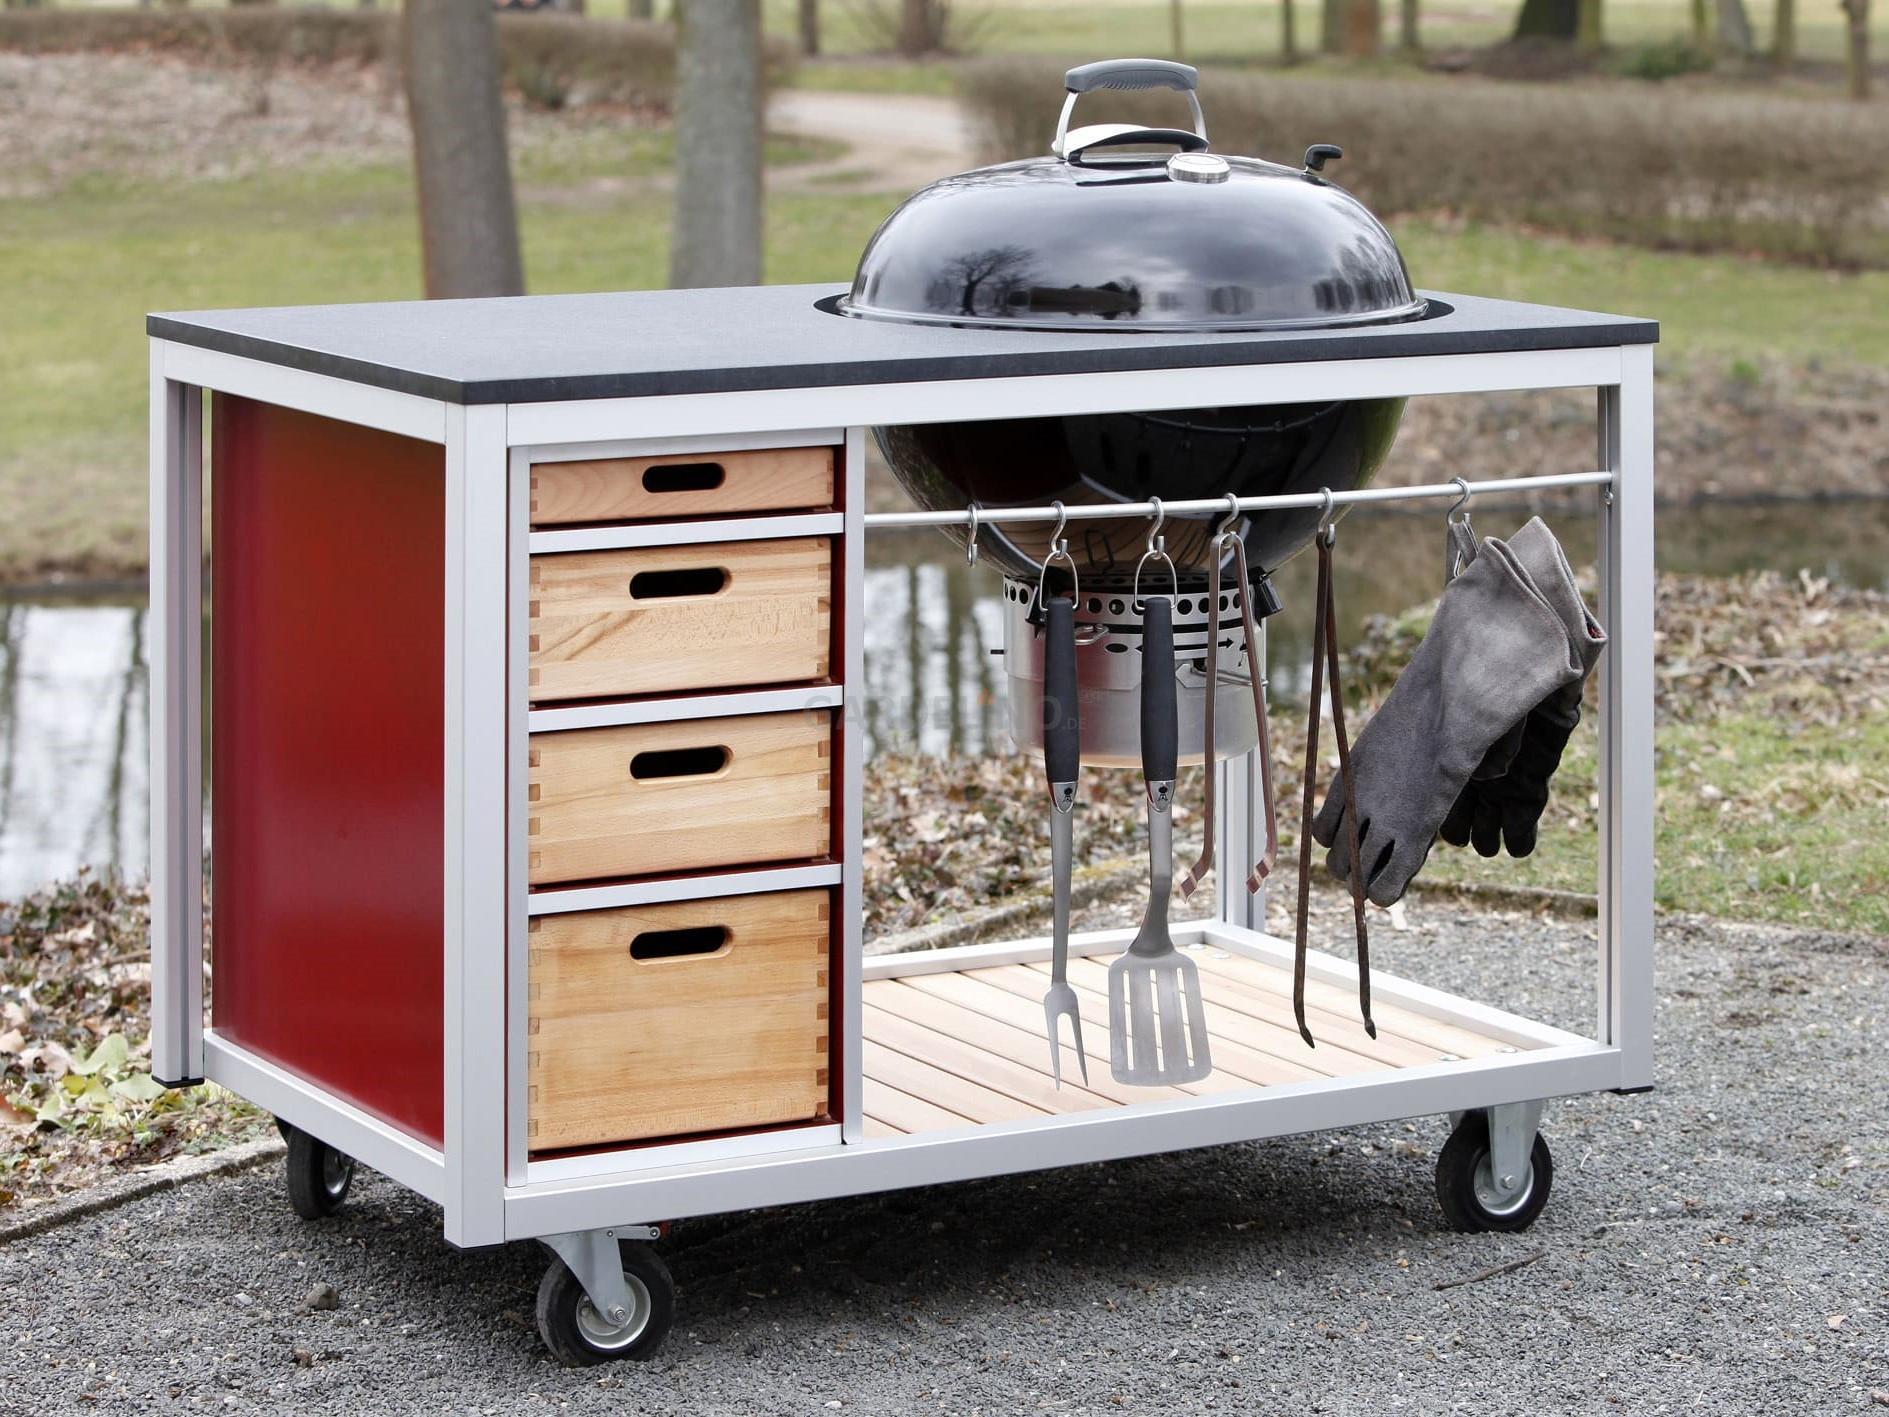 Full Size of Mobile Outdoorküche Outdoor Kche Auf Rollen Küche Wohnzimmer Mobile Outdoorküche